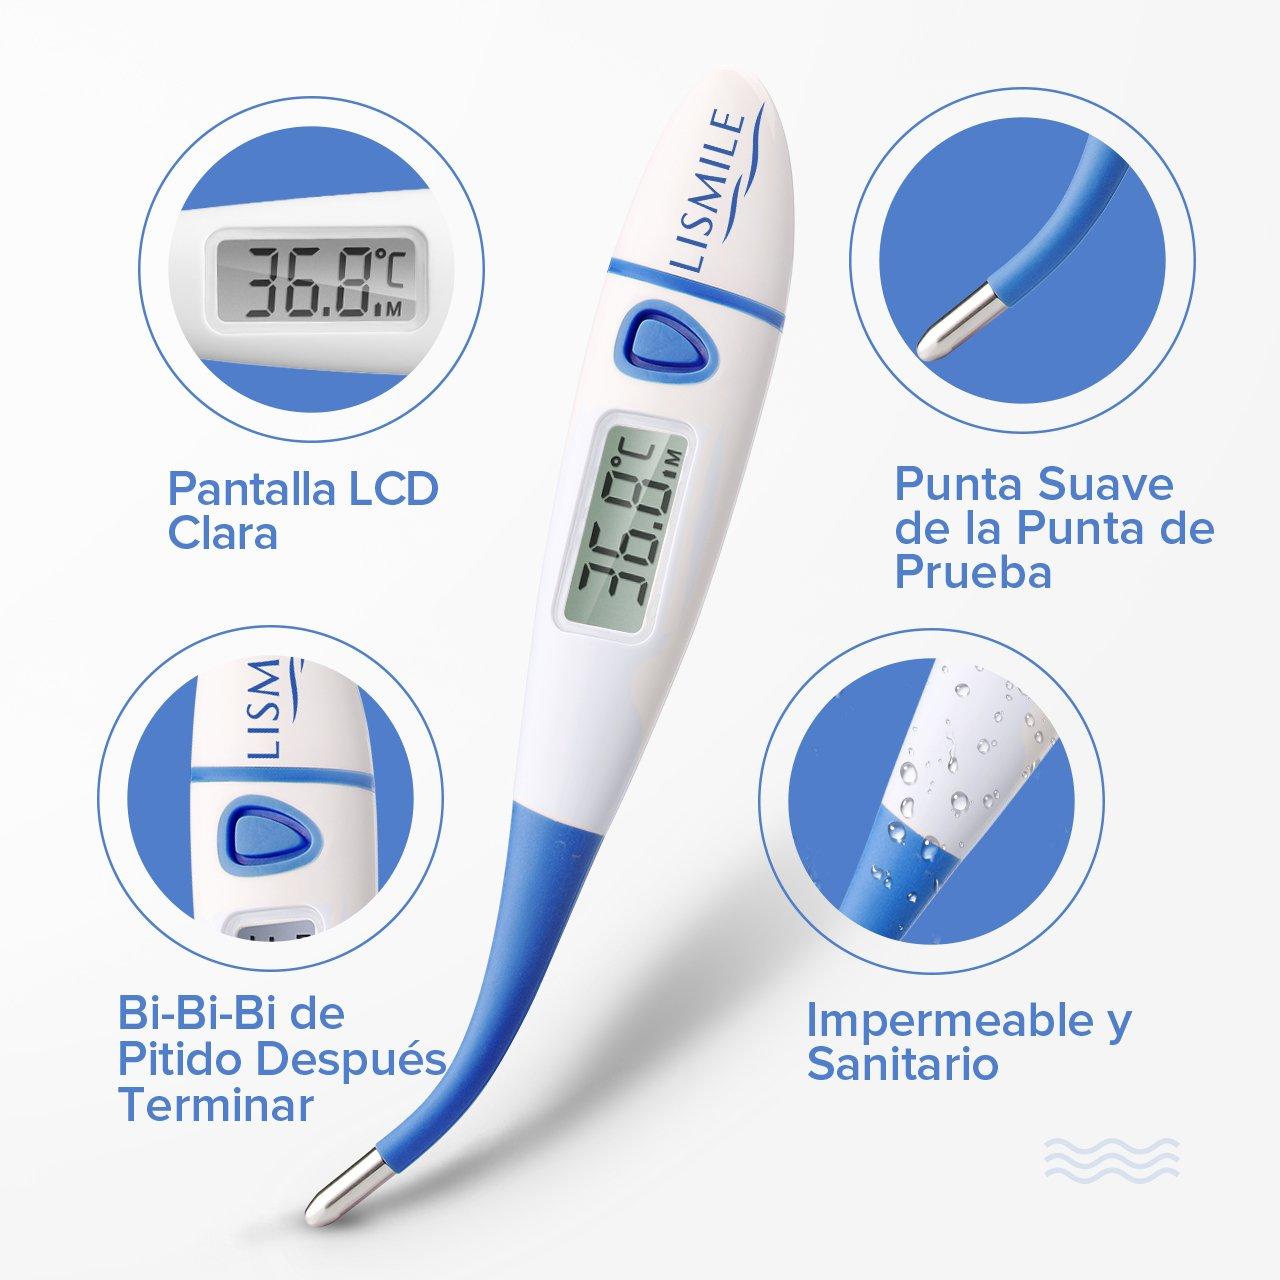 Termómetro Clínico Lismile Digital Advertencia de Sobrecalentamiento Caja de Almacenamiento Incluida: Amazon.es: Salud y cuidado personal